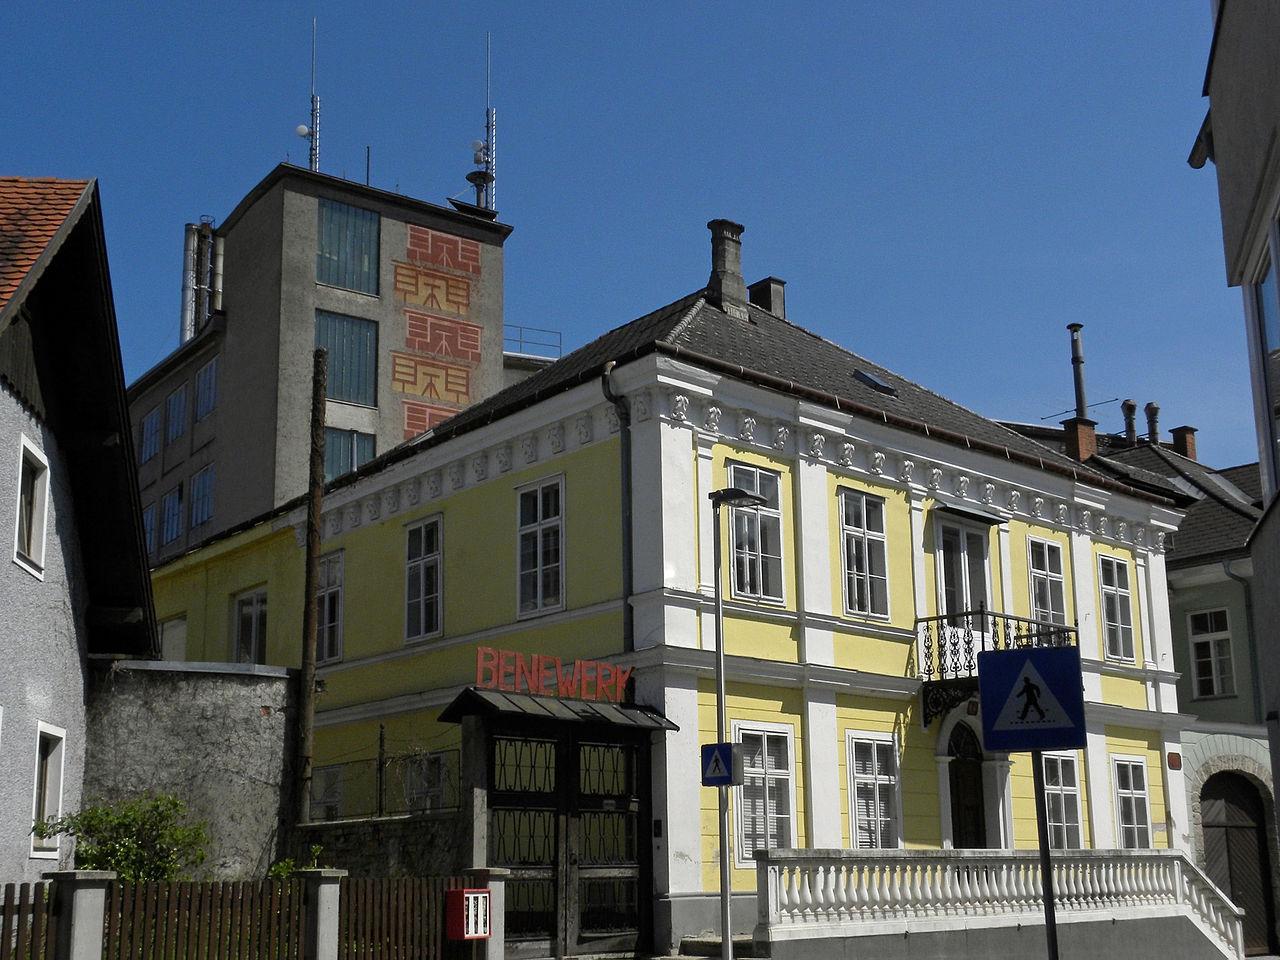 File:Zell Markt - bene-Büromöbel.jpg - Wikimedia Commons